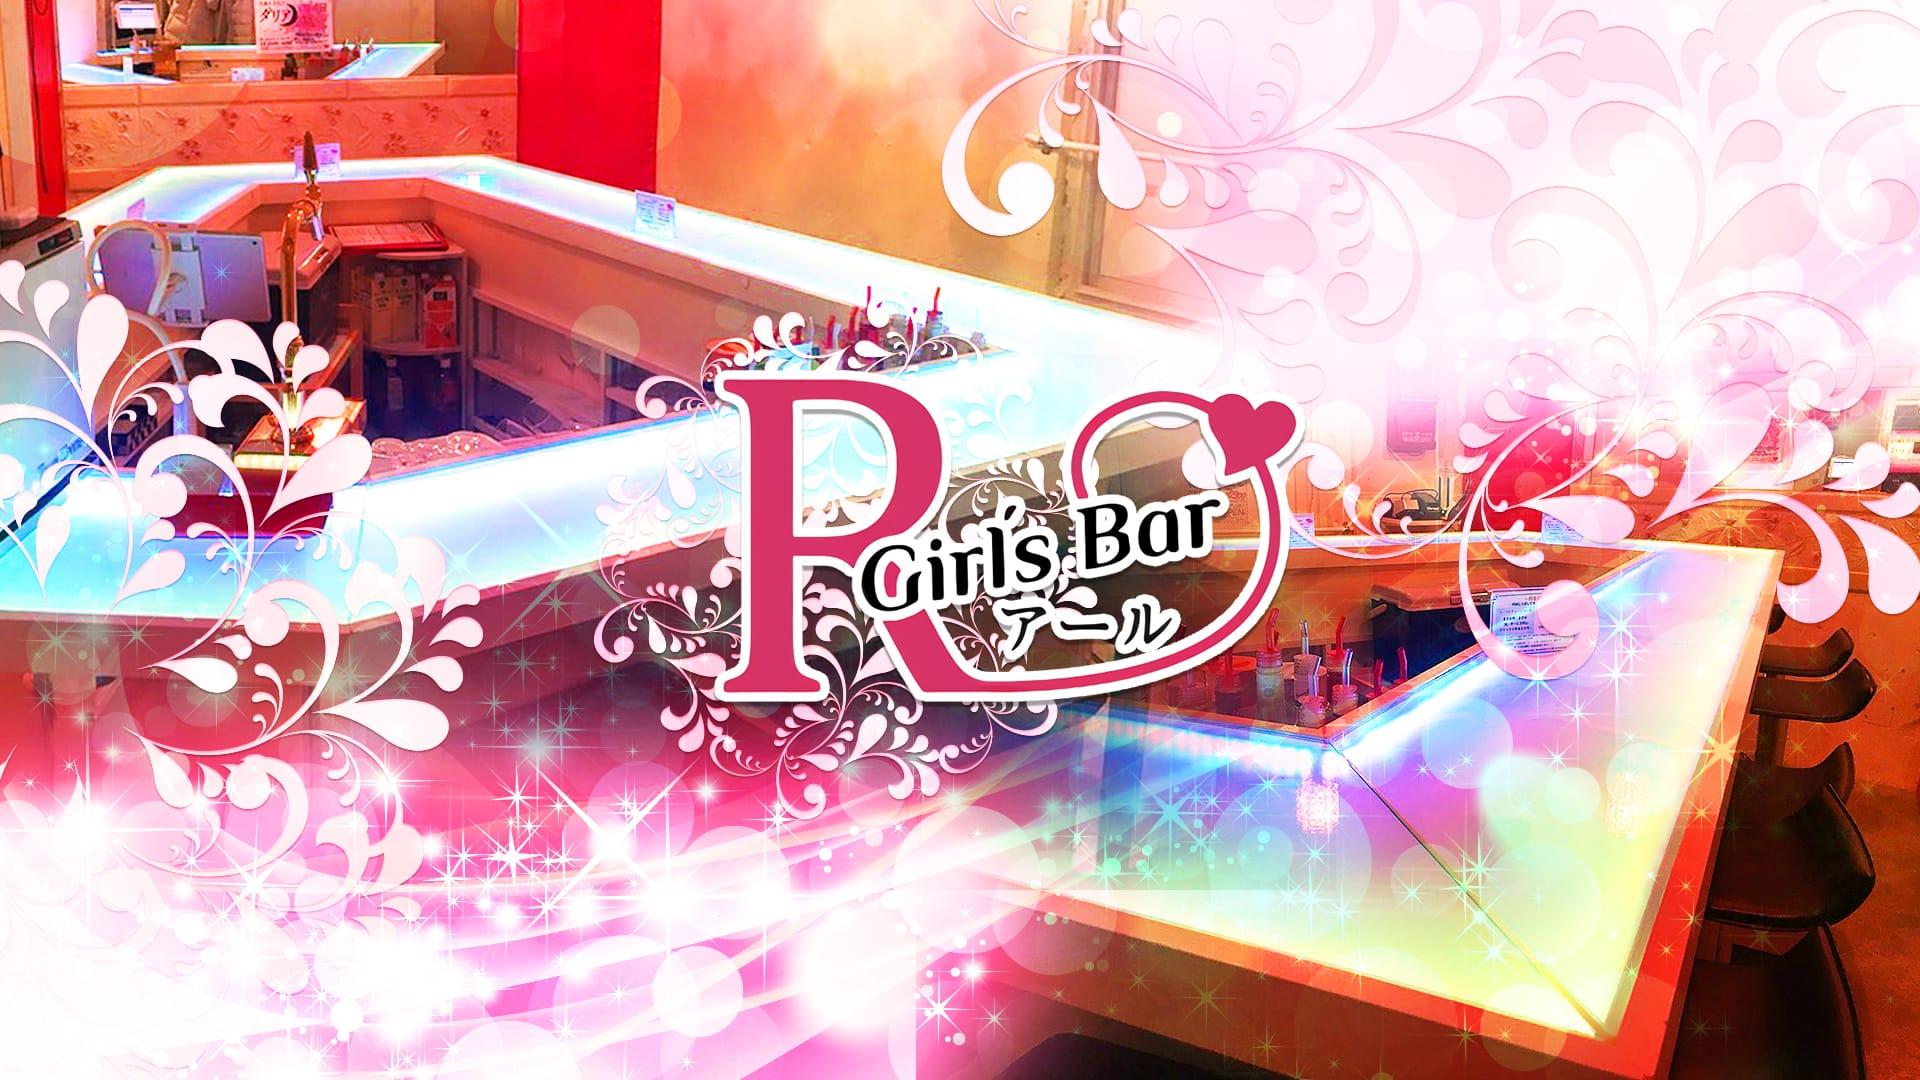 Girls Bar R 神田西口店<アール> 秋葉原 ガールズバー TOP画像